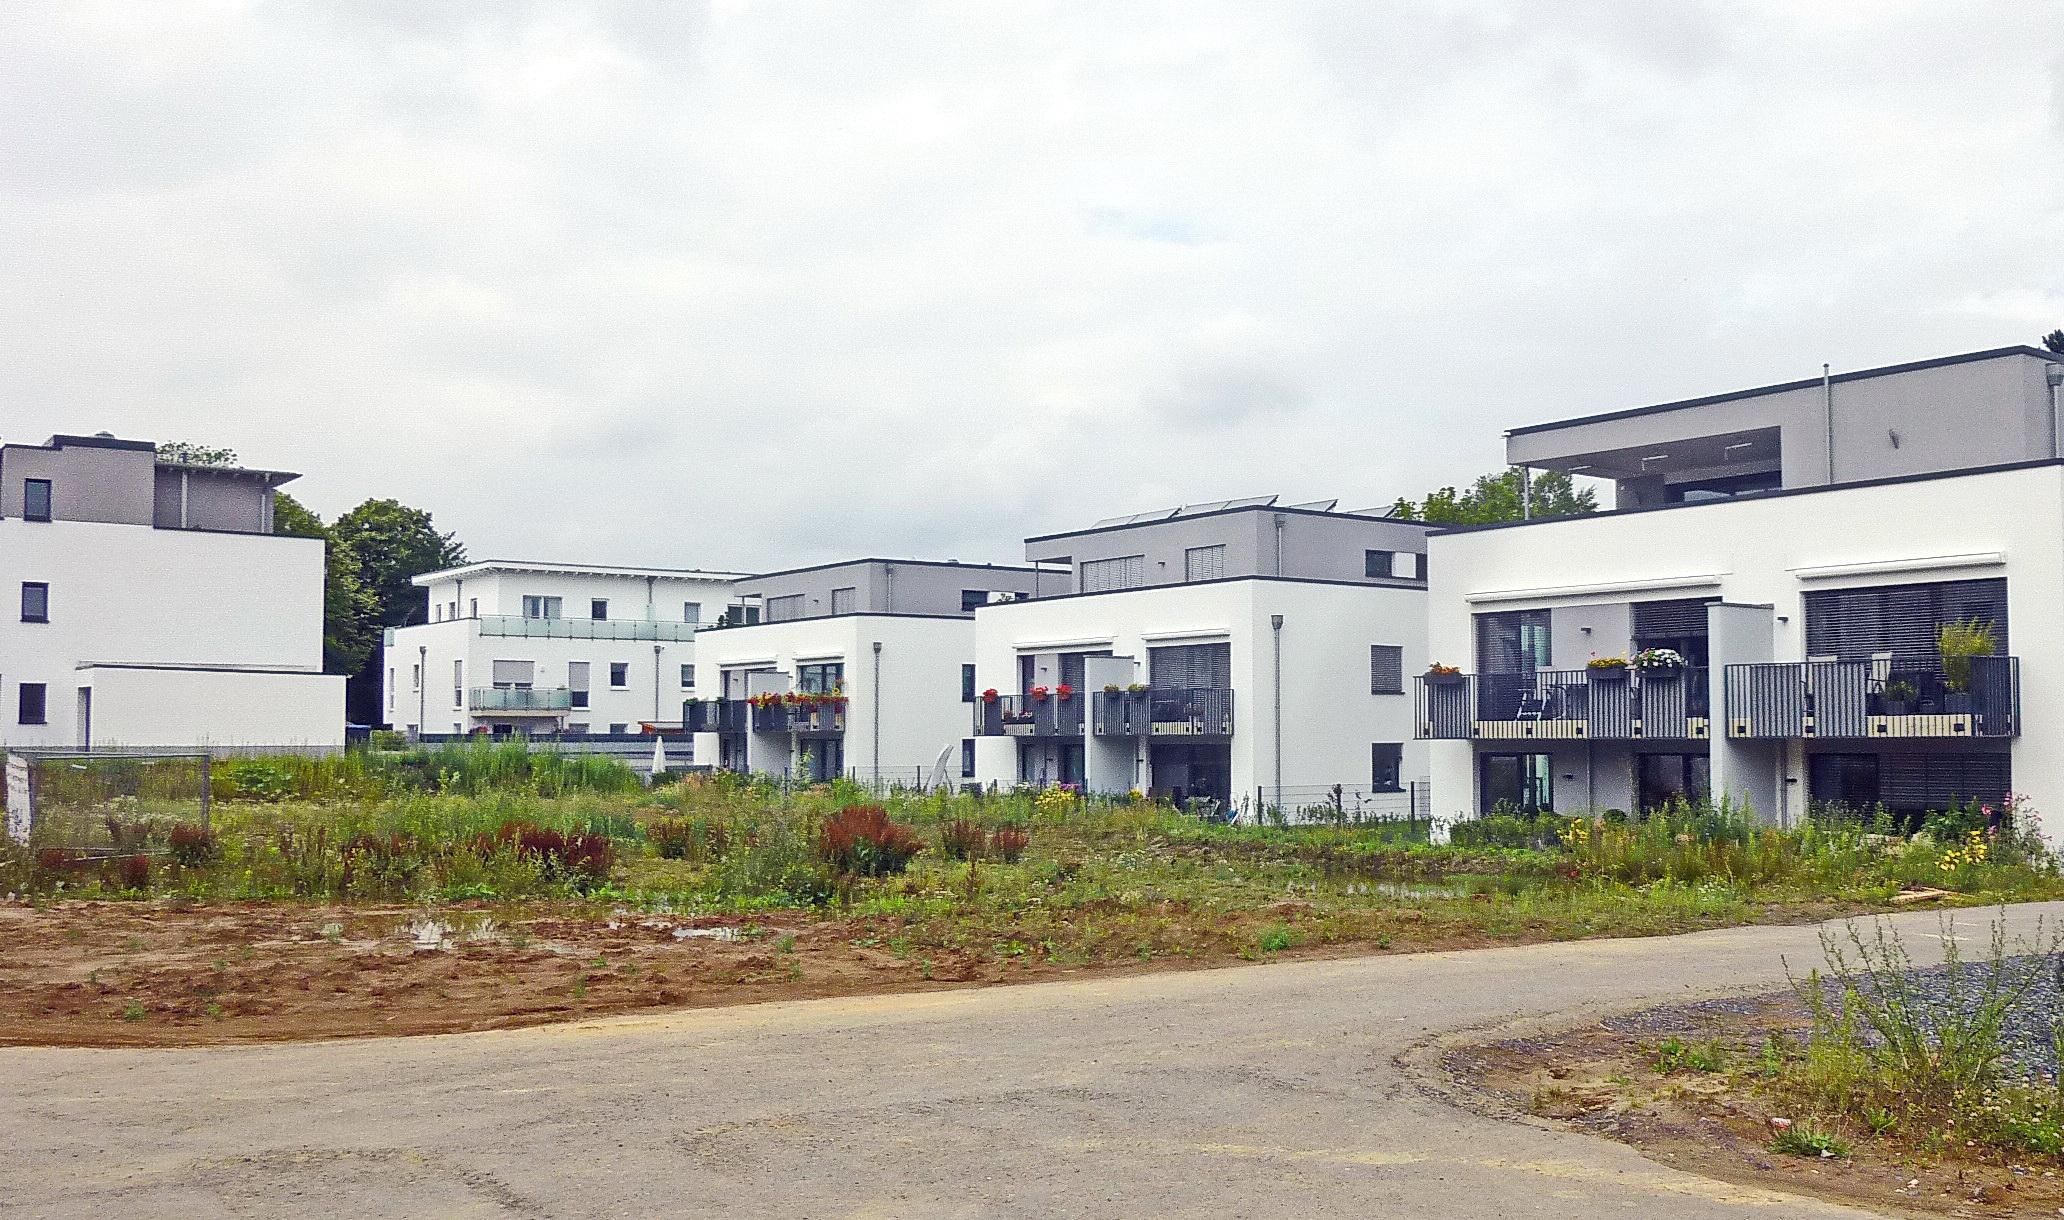 Unna, Neubaugebiet, DTCOM, DTCOM GmbH, Kieselrot Sanierung,